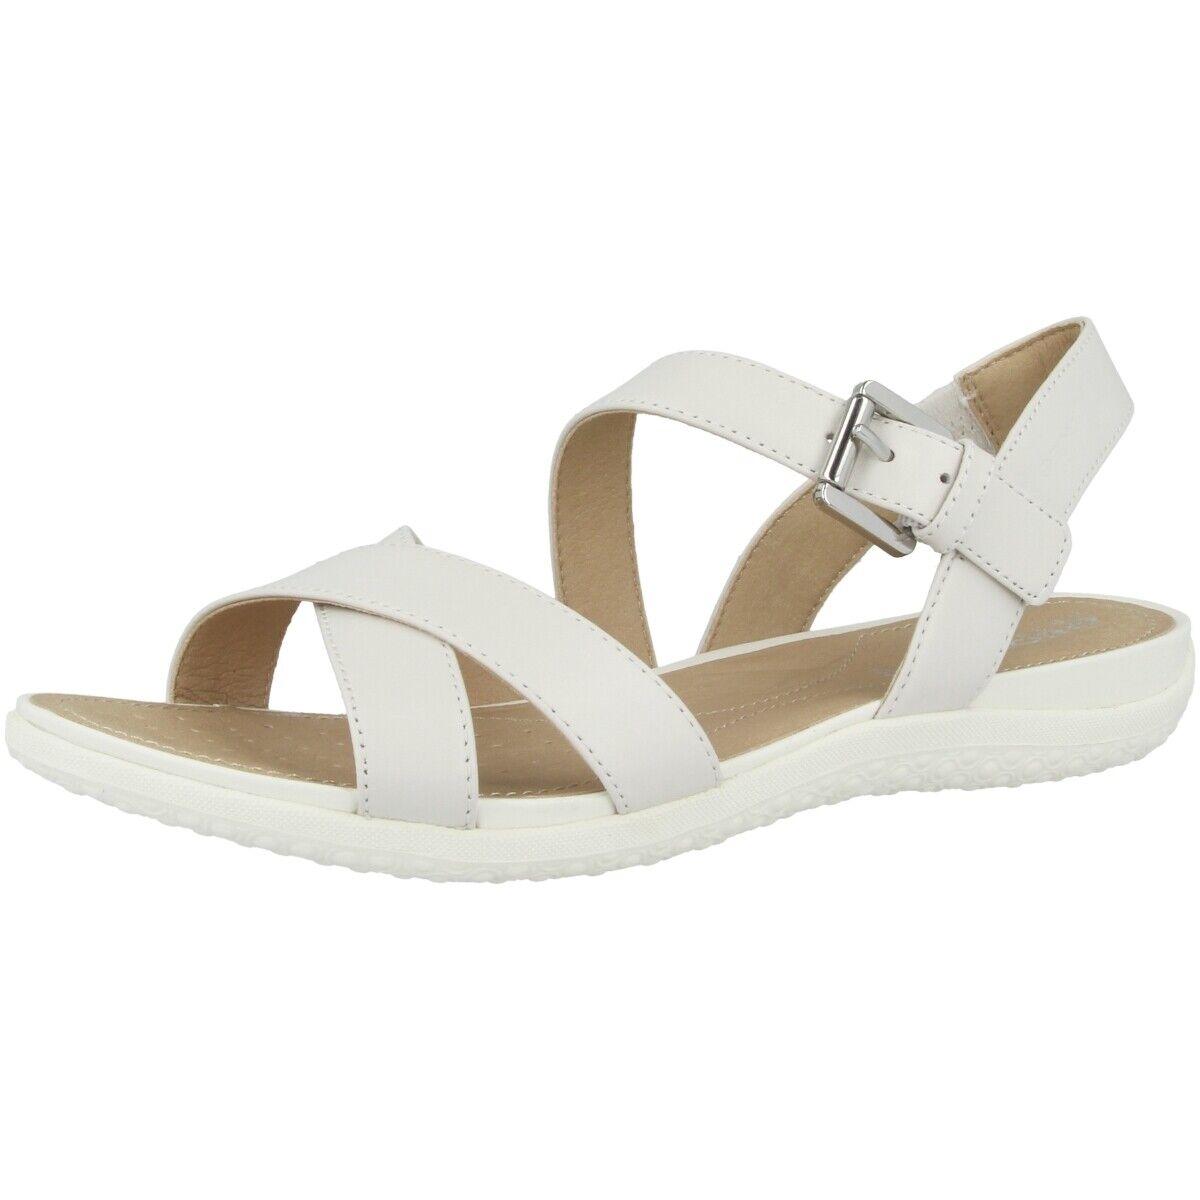 Geox D sand. vega e women shoes sandals casual sandals d92r6e00043c1002